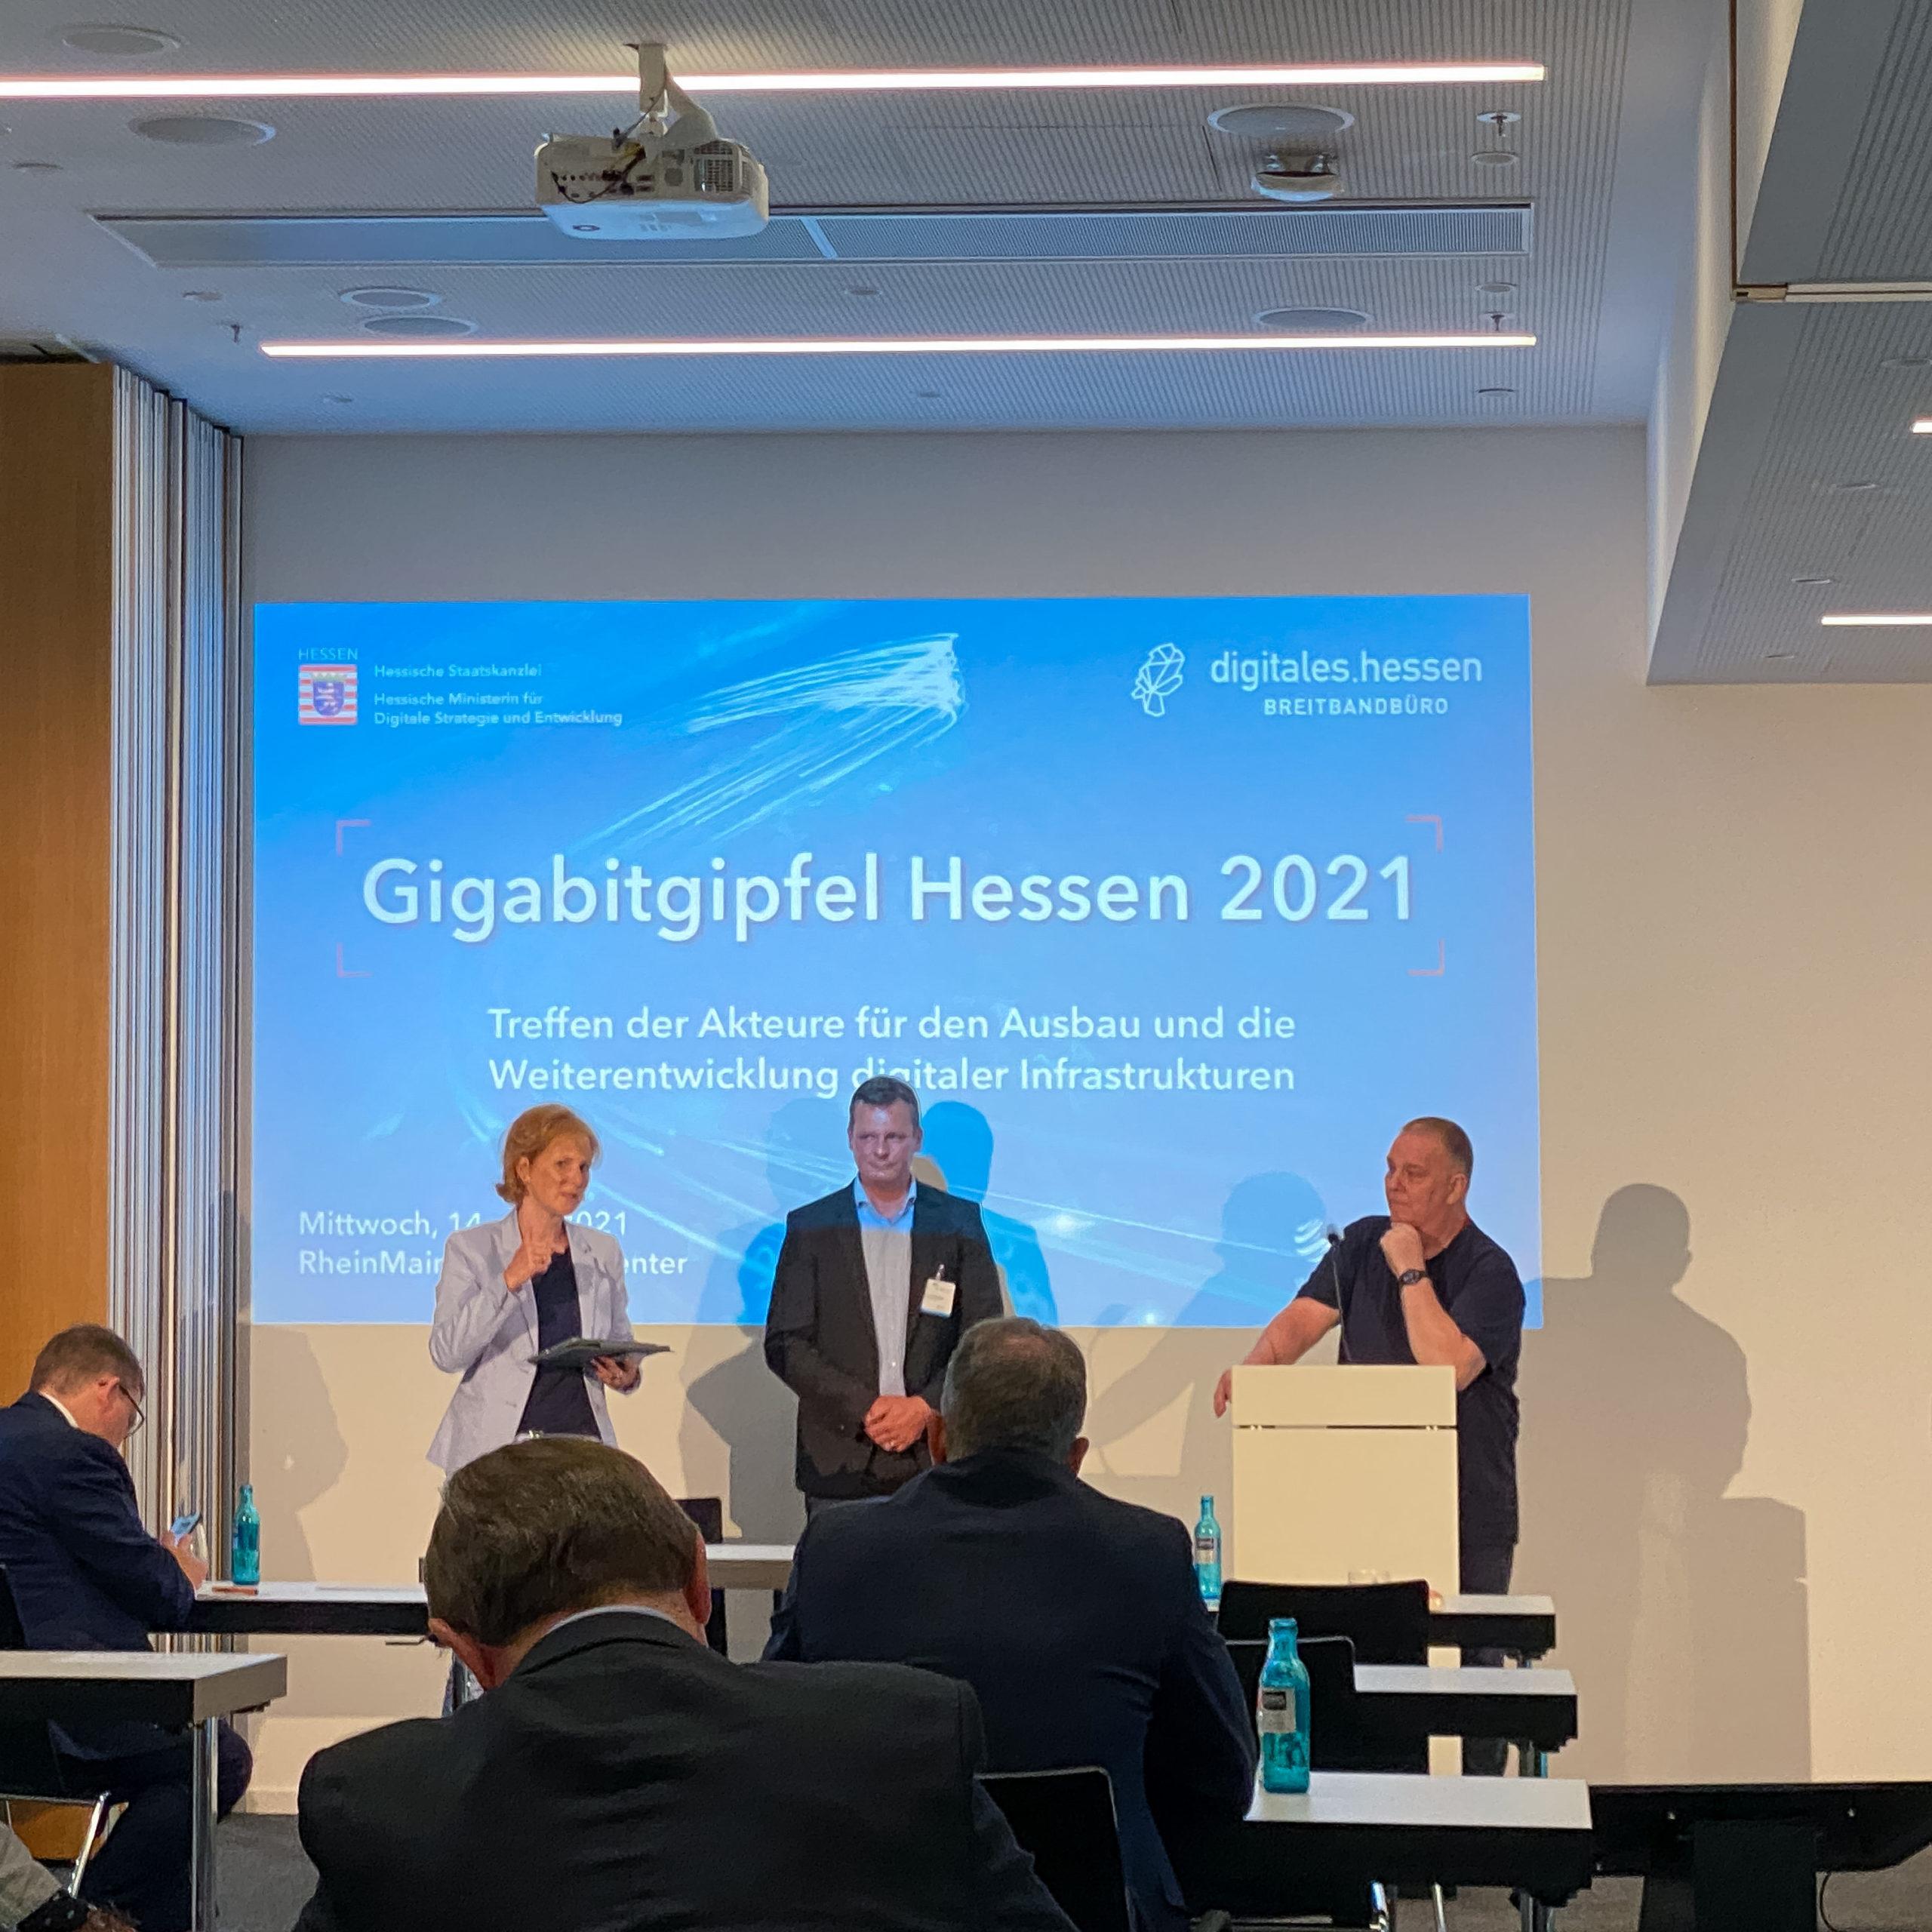 Sascha Hellermann hält einen Vortrag auf dem Gigabitgipfel Hessen